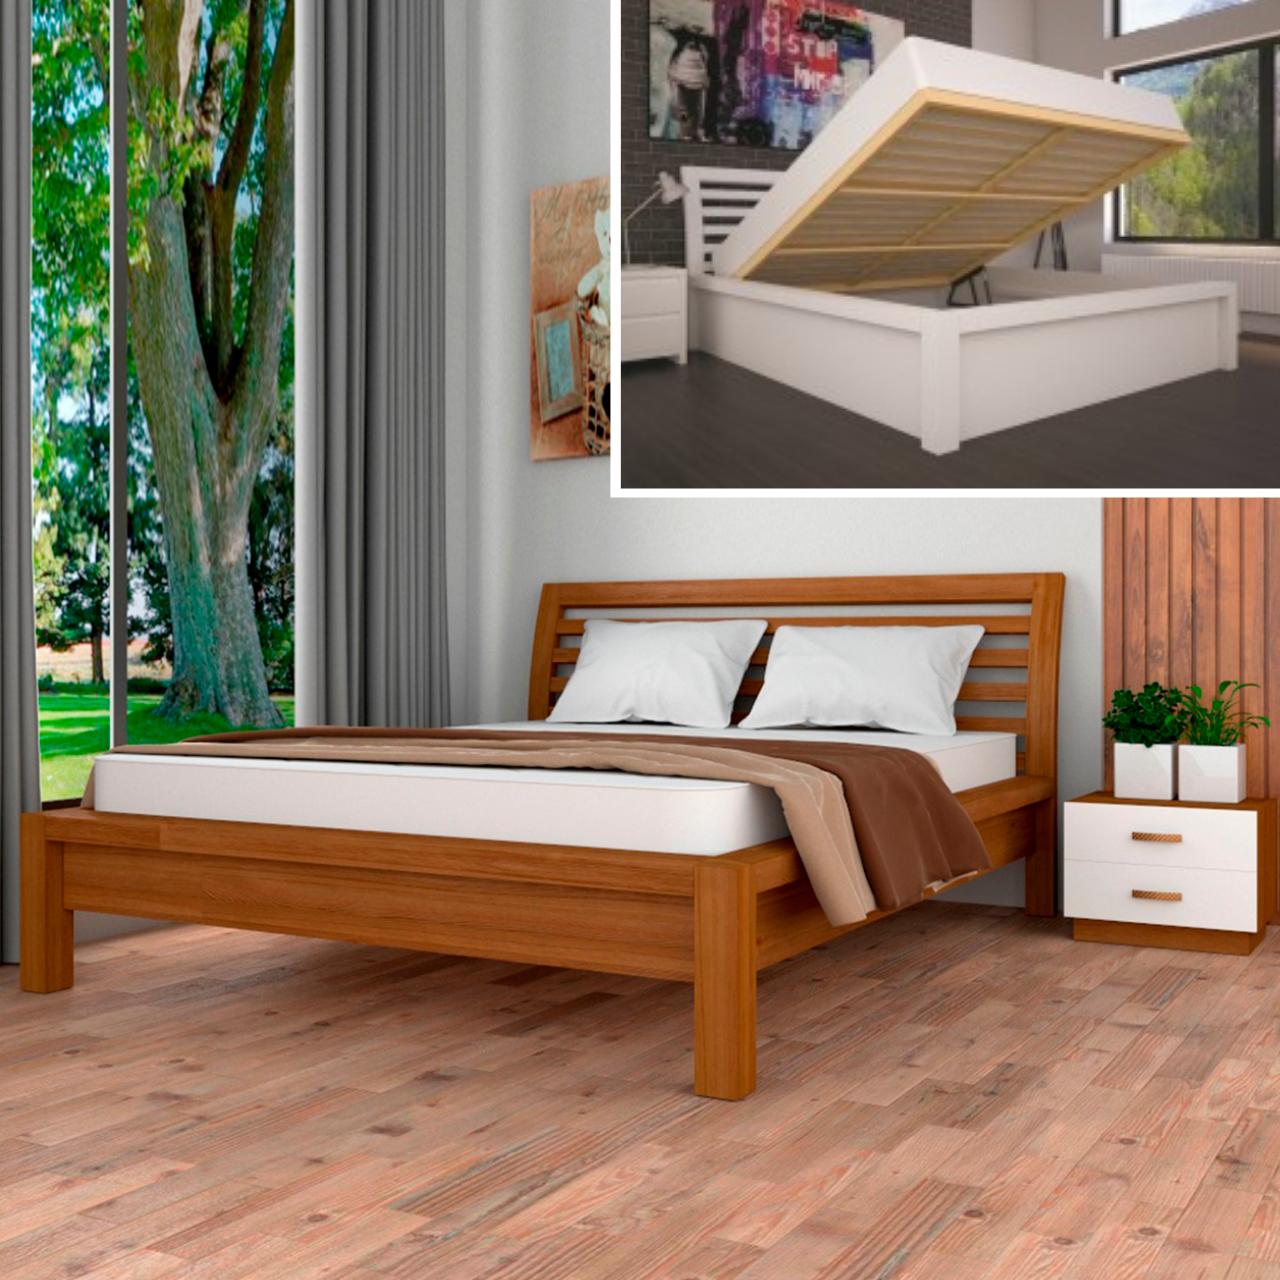 Кровать деревянная Офелия двуспальная с подъемным механизмом